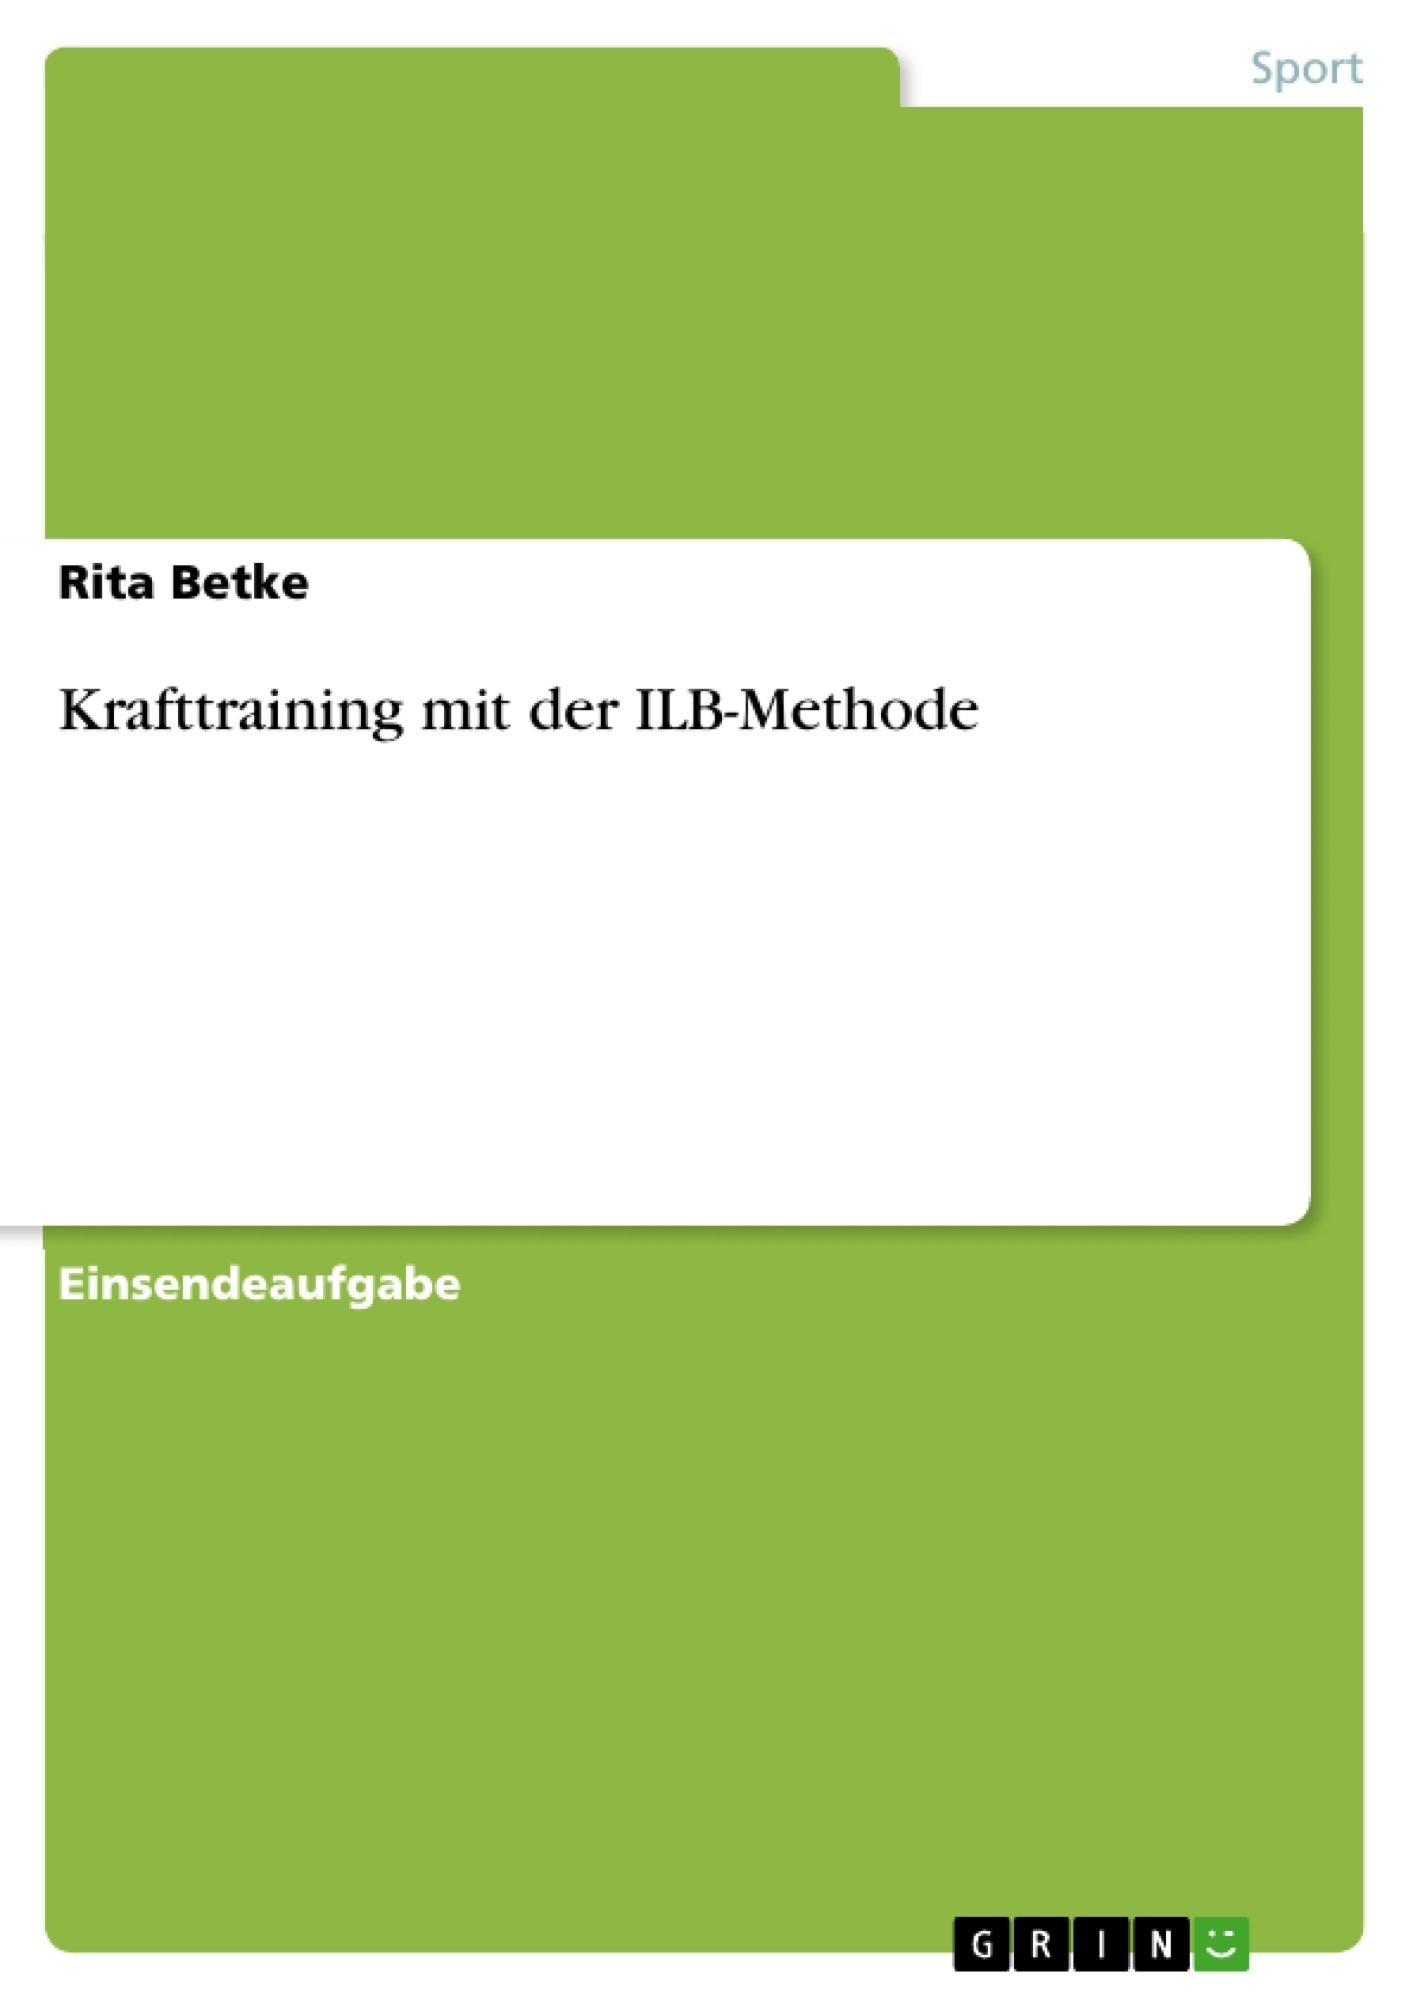 Titel: Krafttraining mit der ILB-Methode